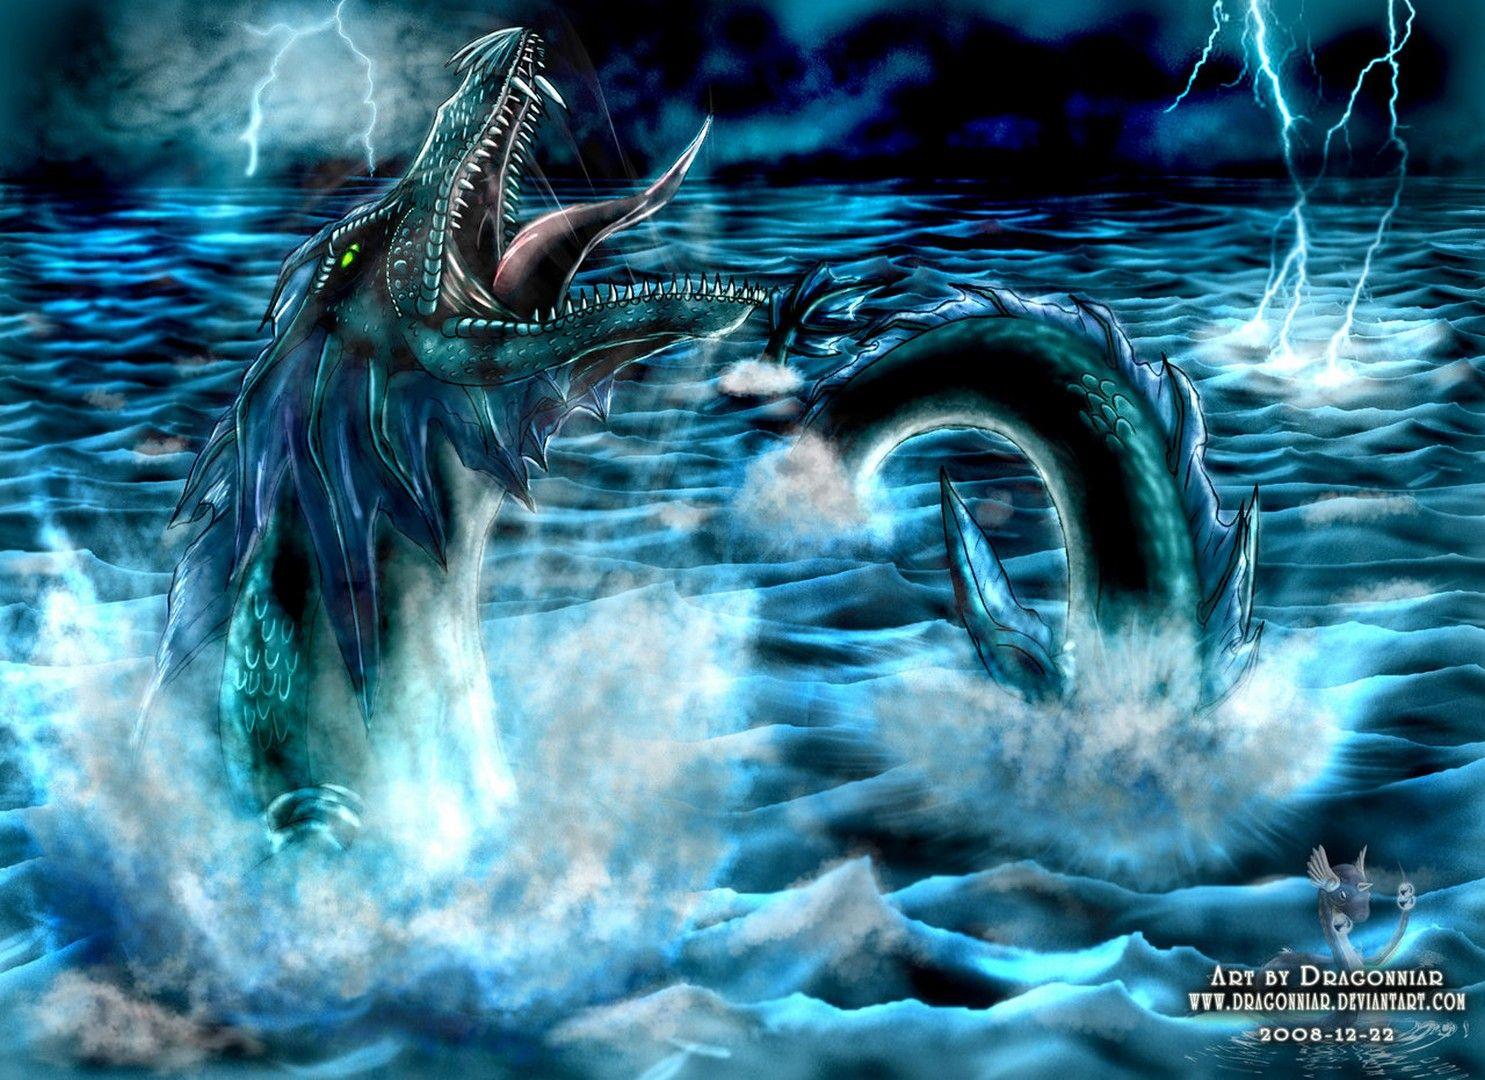 его картинки морской змей катание льду это